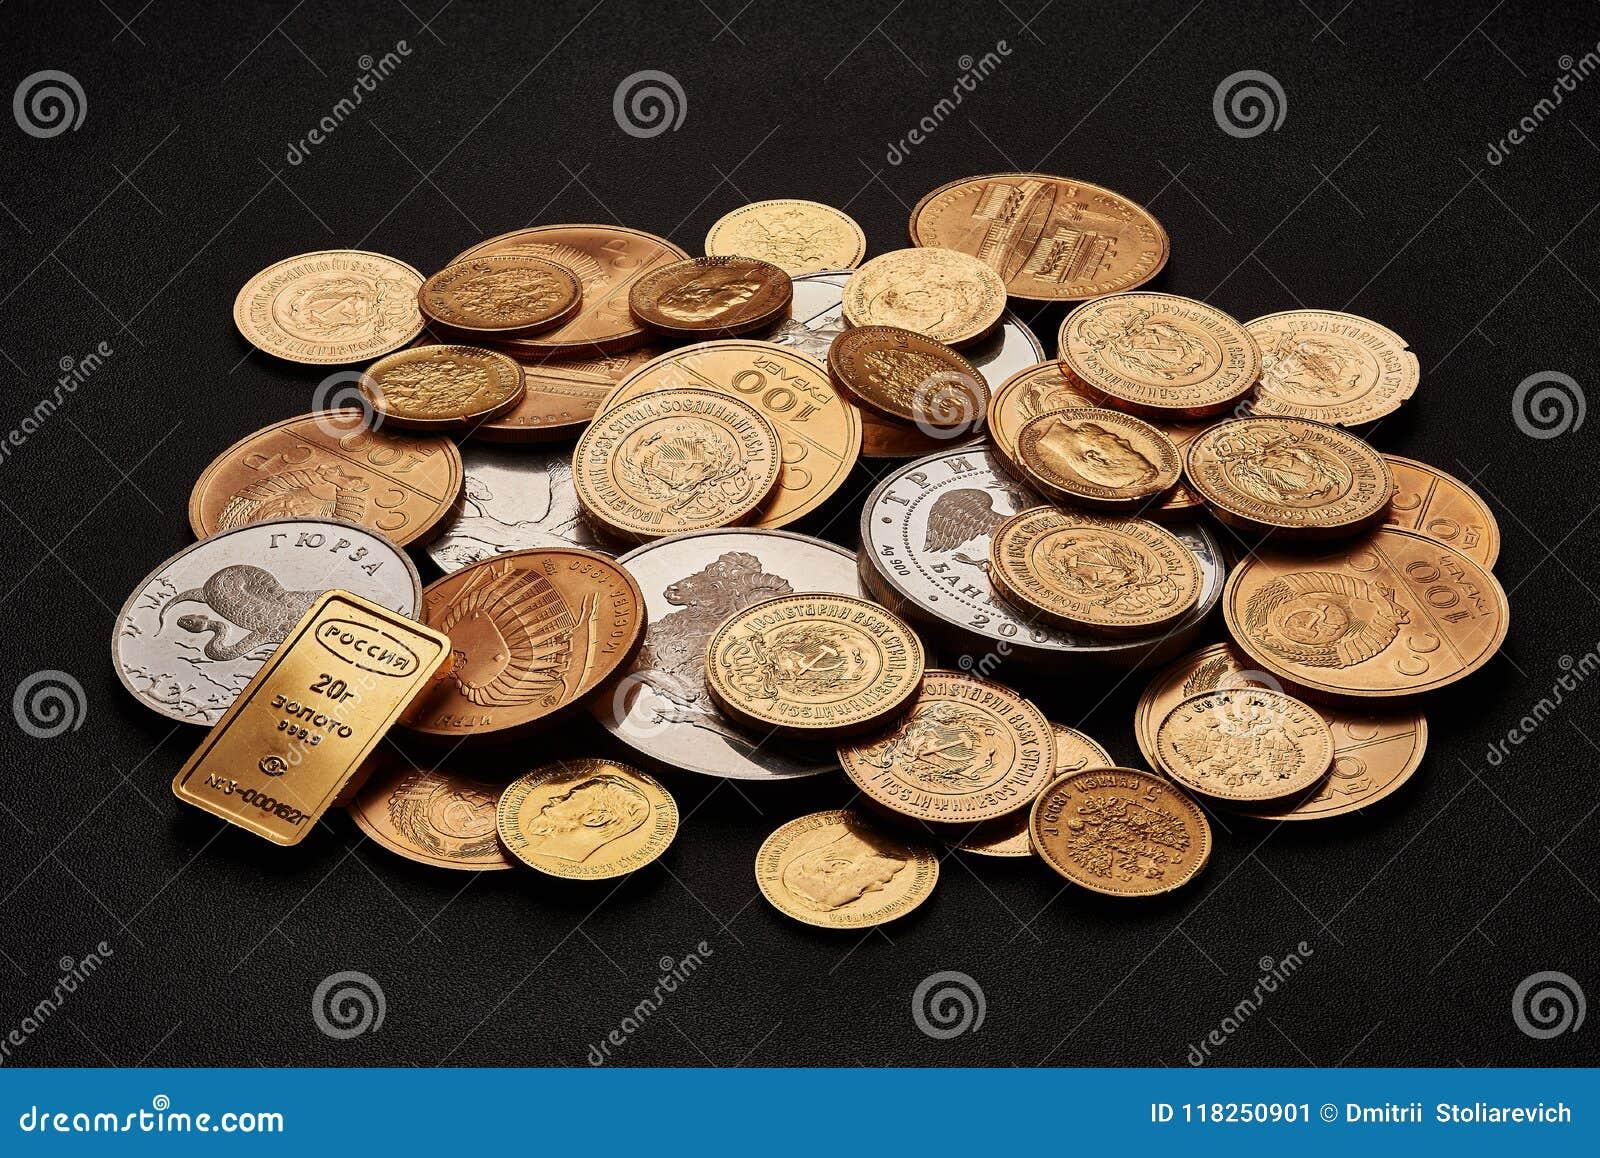 Witte en gele die goudstaven en muntstukken op zwarte achtergrond worden geïsoleerd